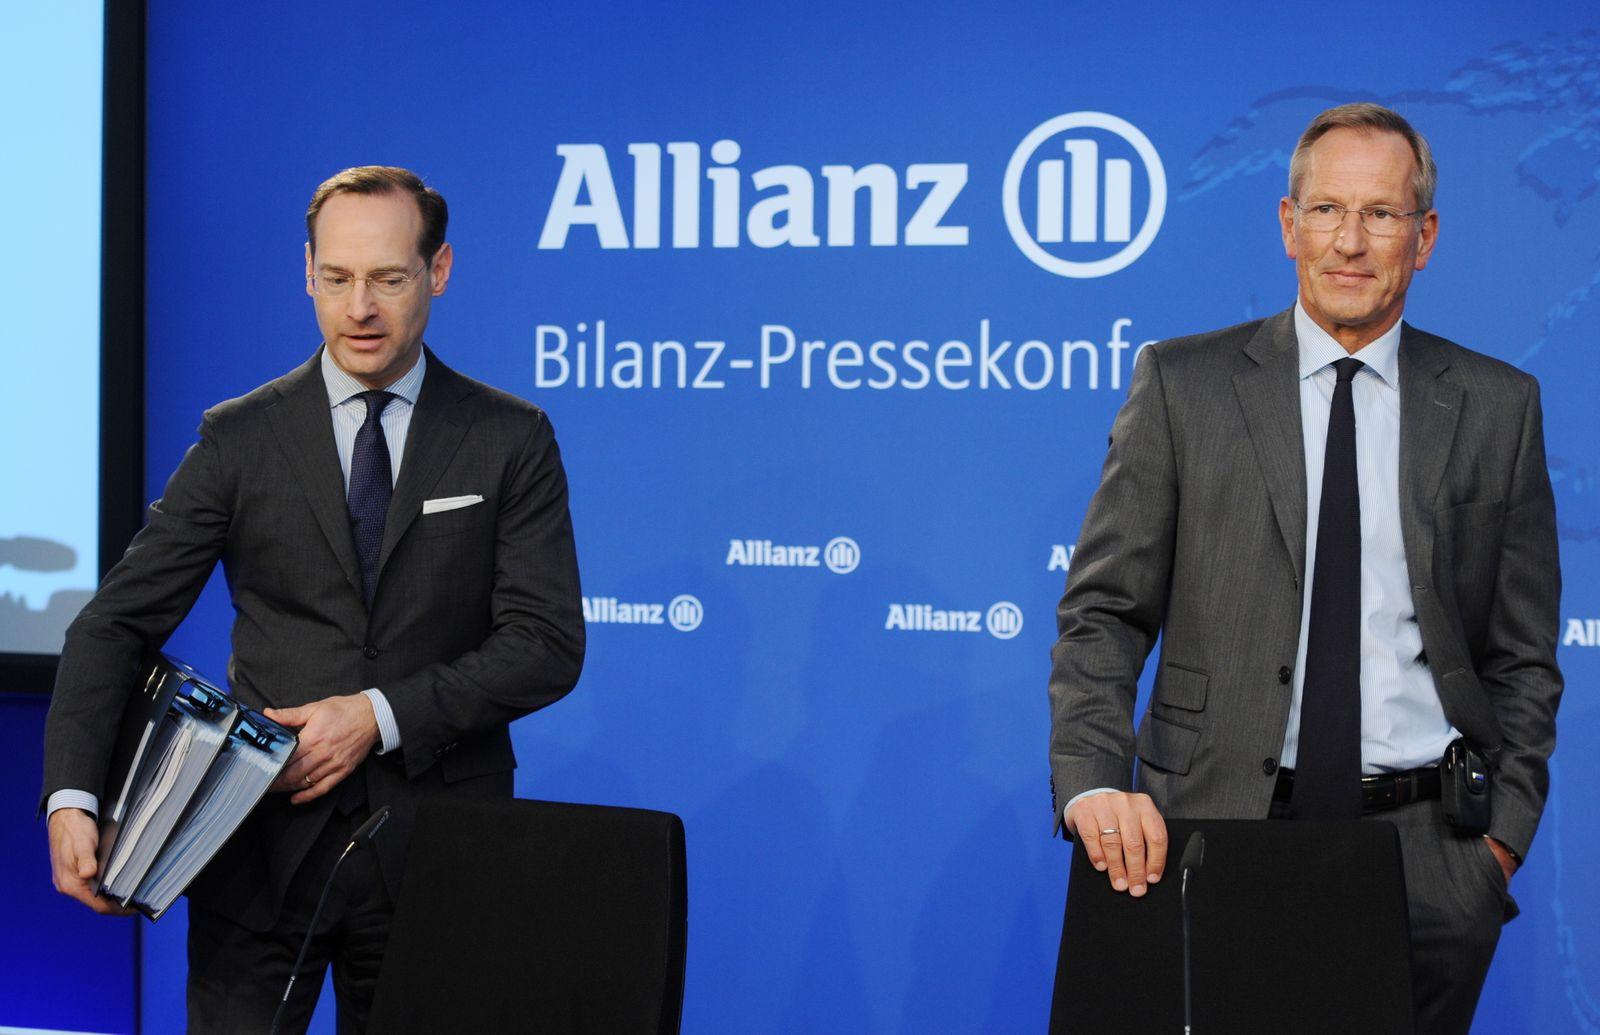 Bilanz-PK - Allianz SE